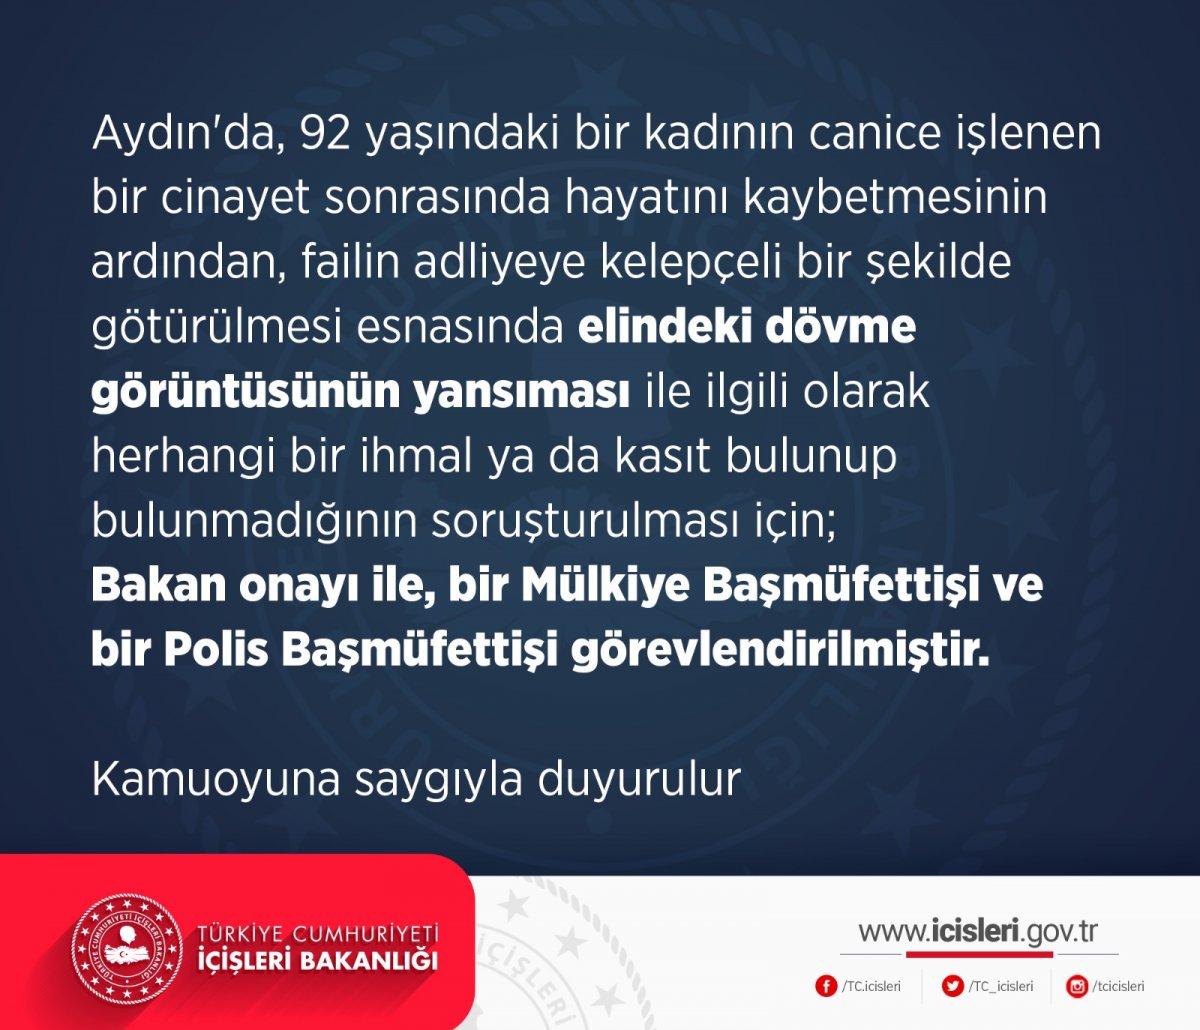 Devlet Bahçeli den 3 hilal dövmeli katil hakkında açıklama #5